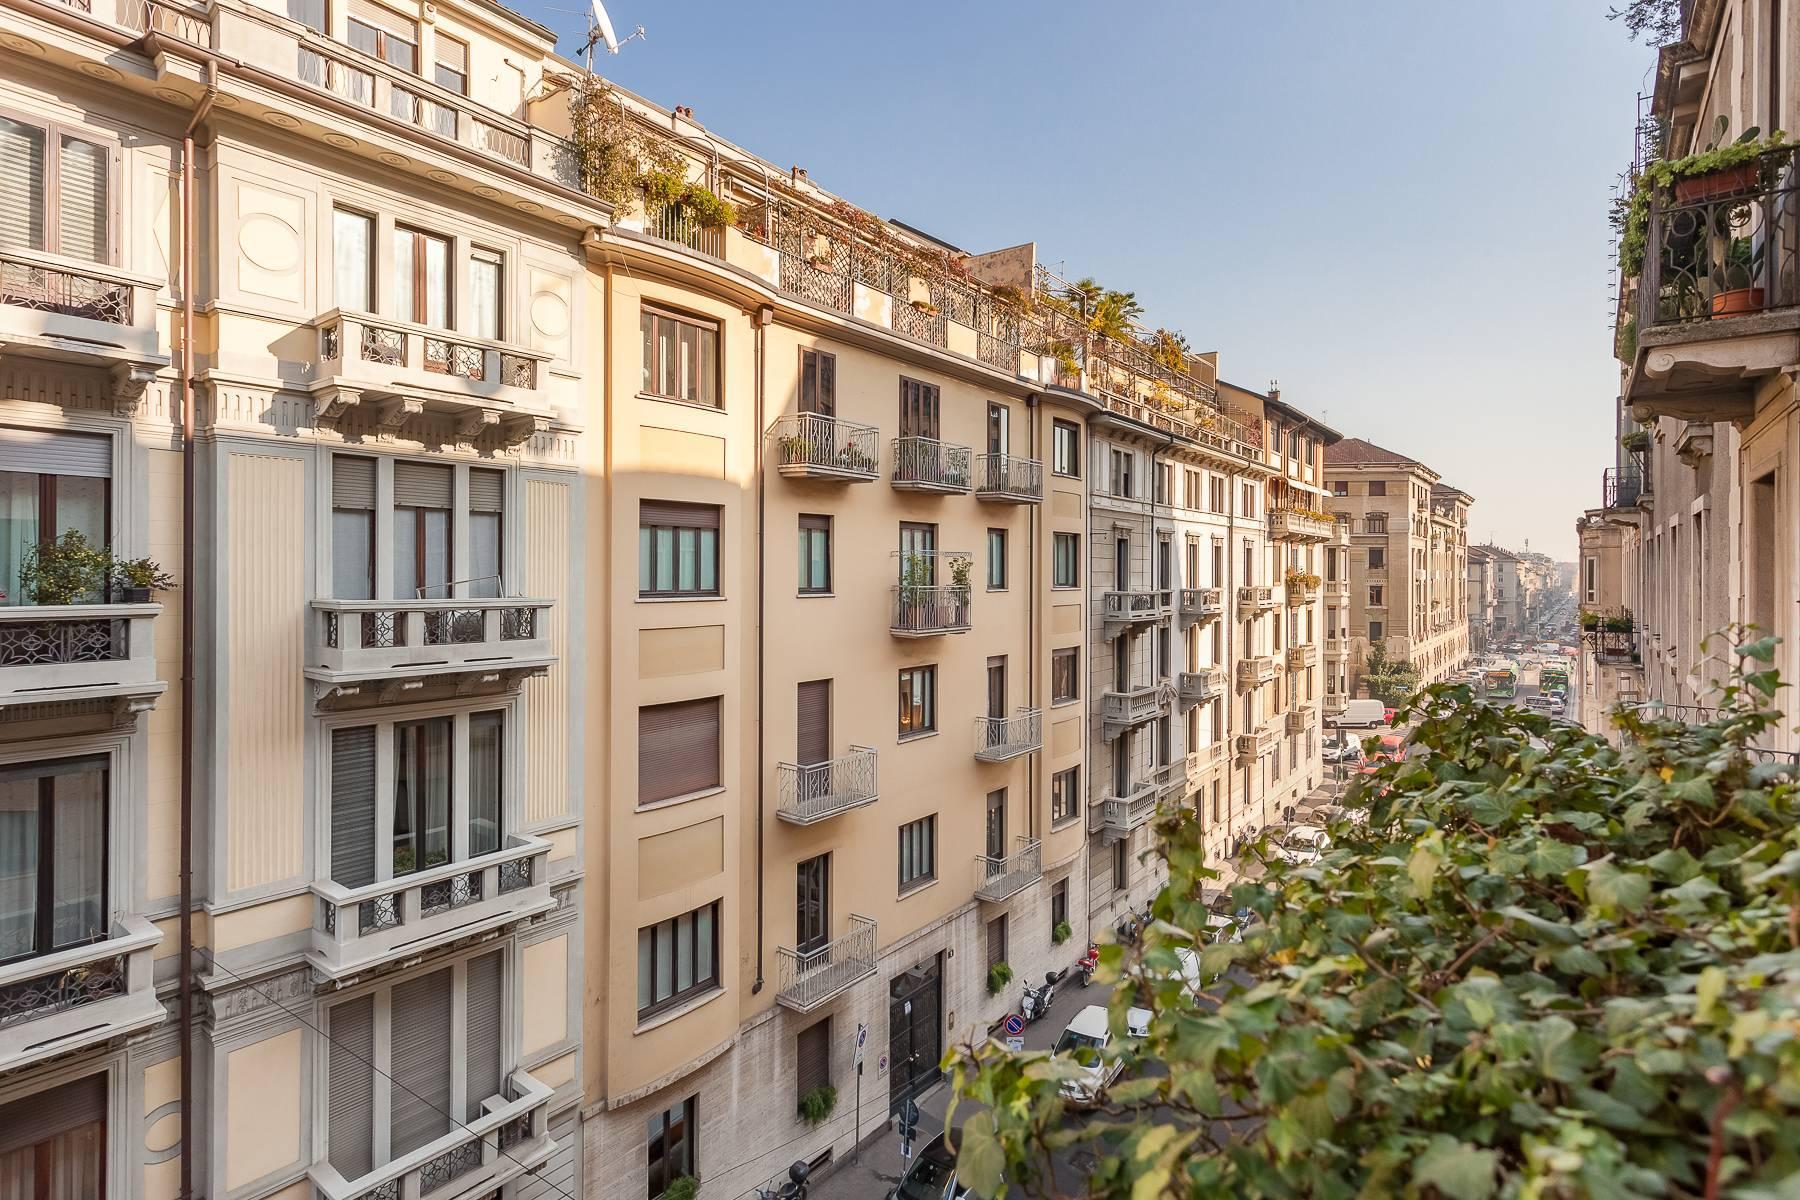 Квартира в классическом стиле на via Besana - 13